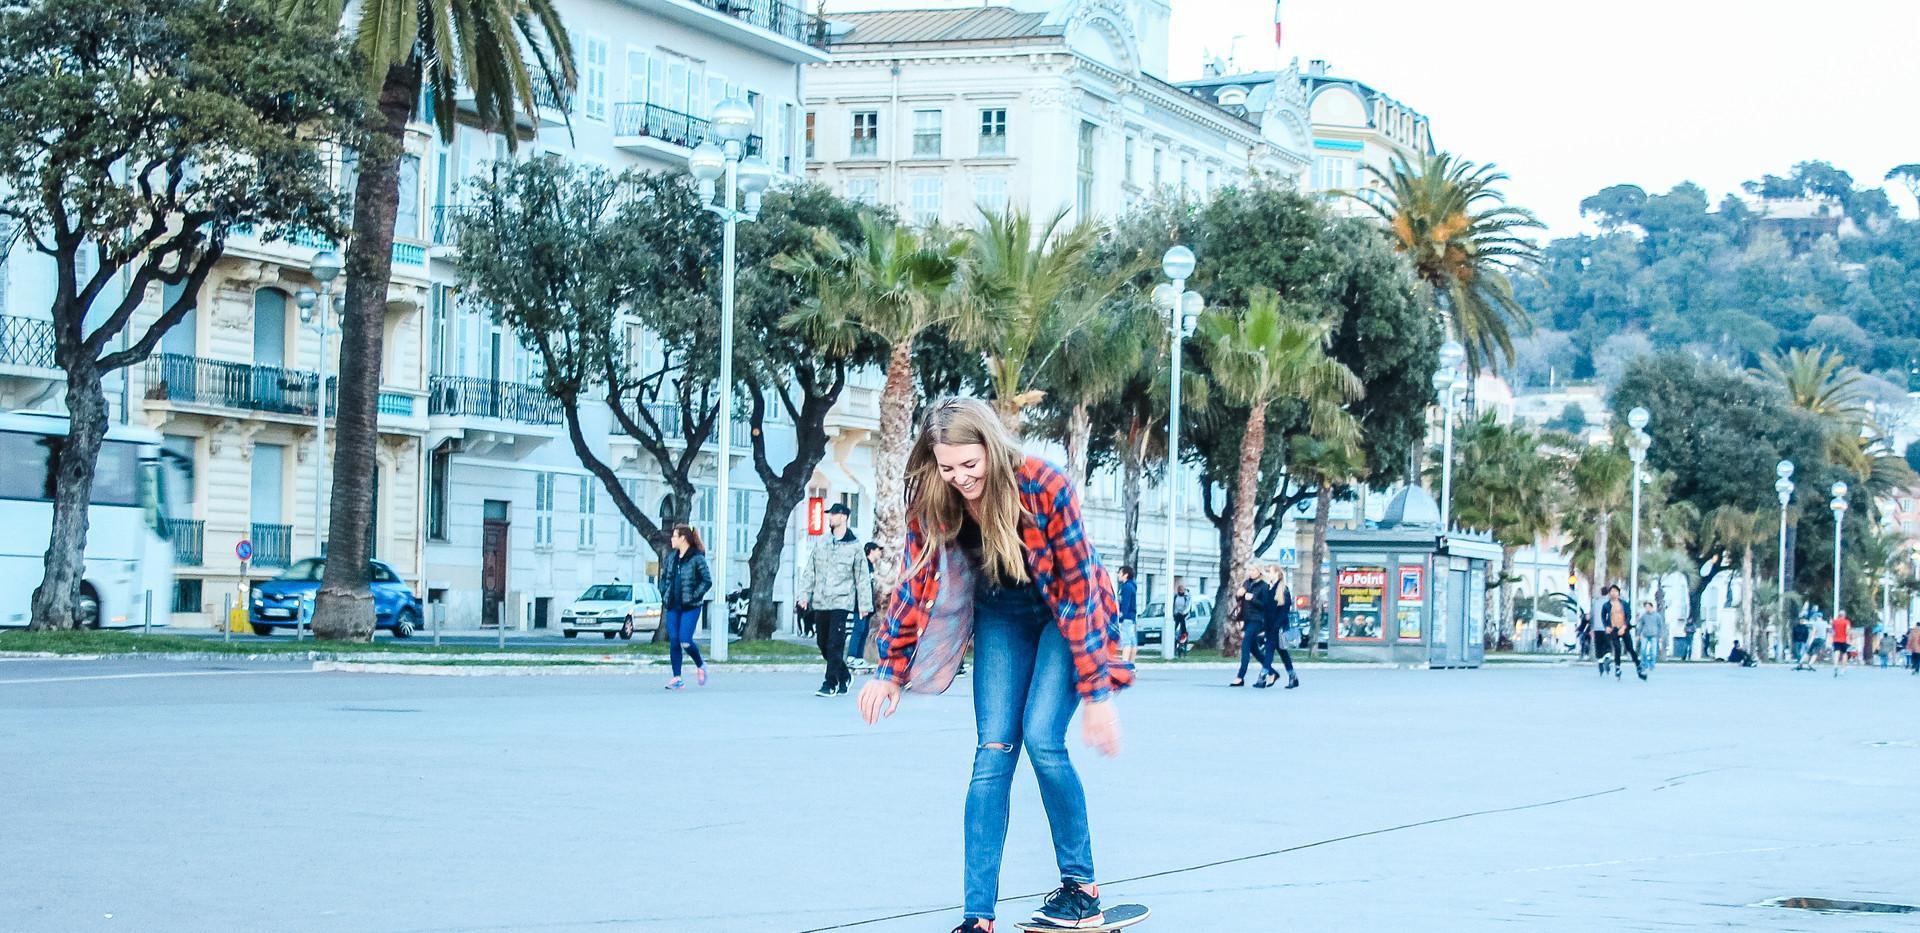 Boarding along the boardwalk in Nice